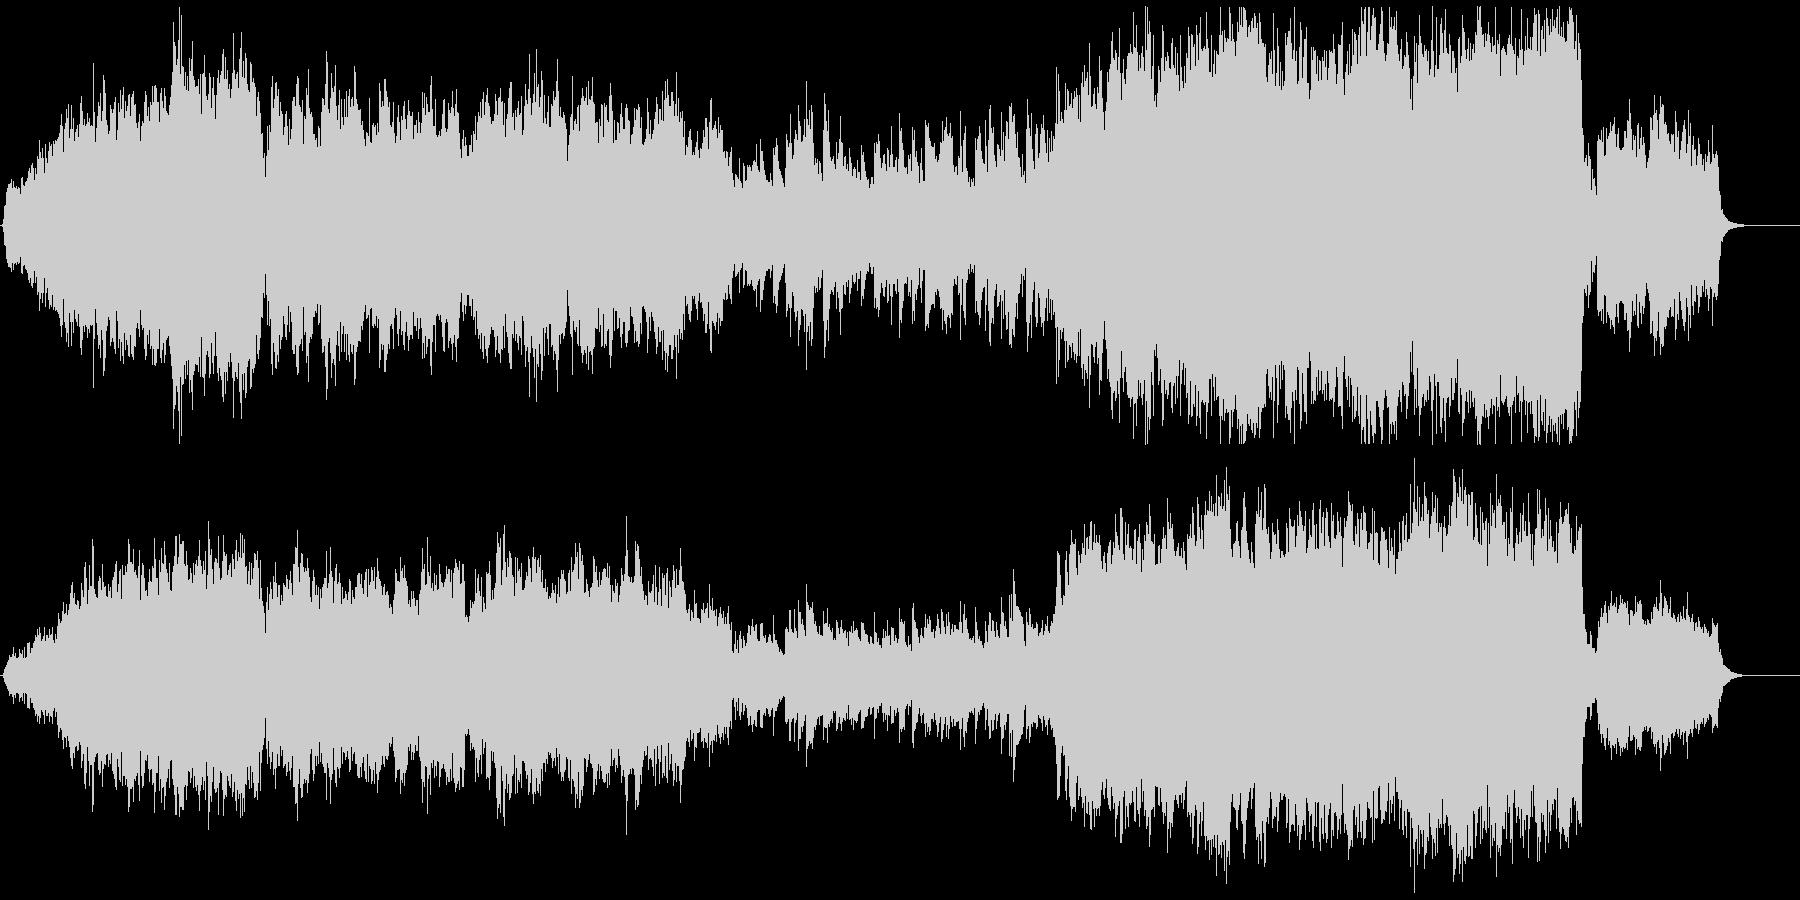 ほのぼのとしたオーケストラ楽曲の未再生の波形